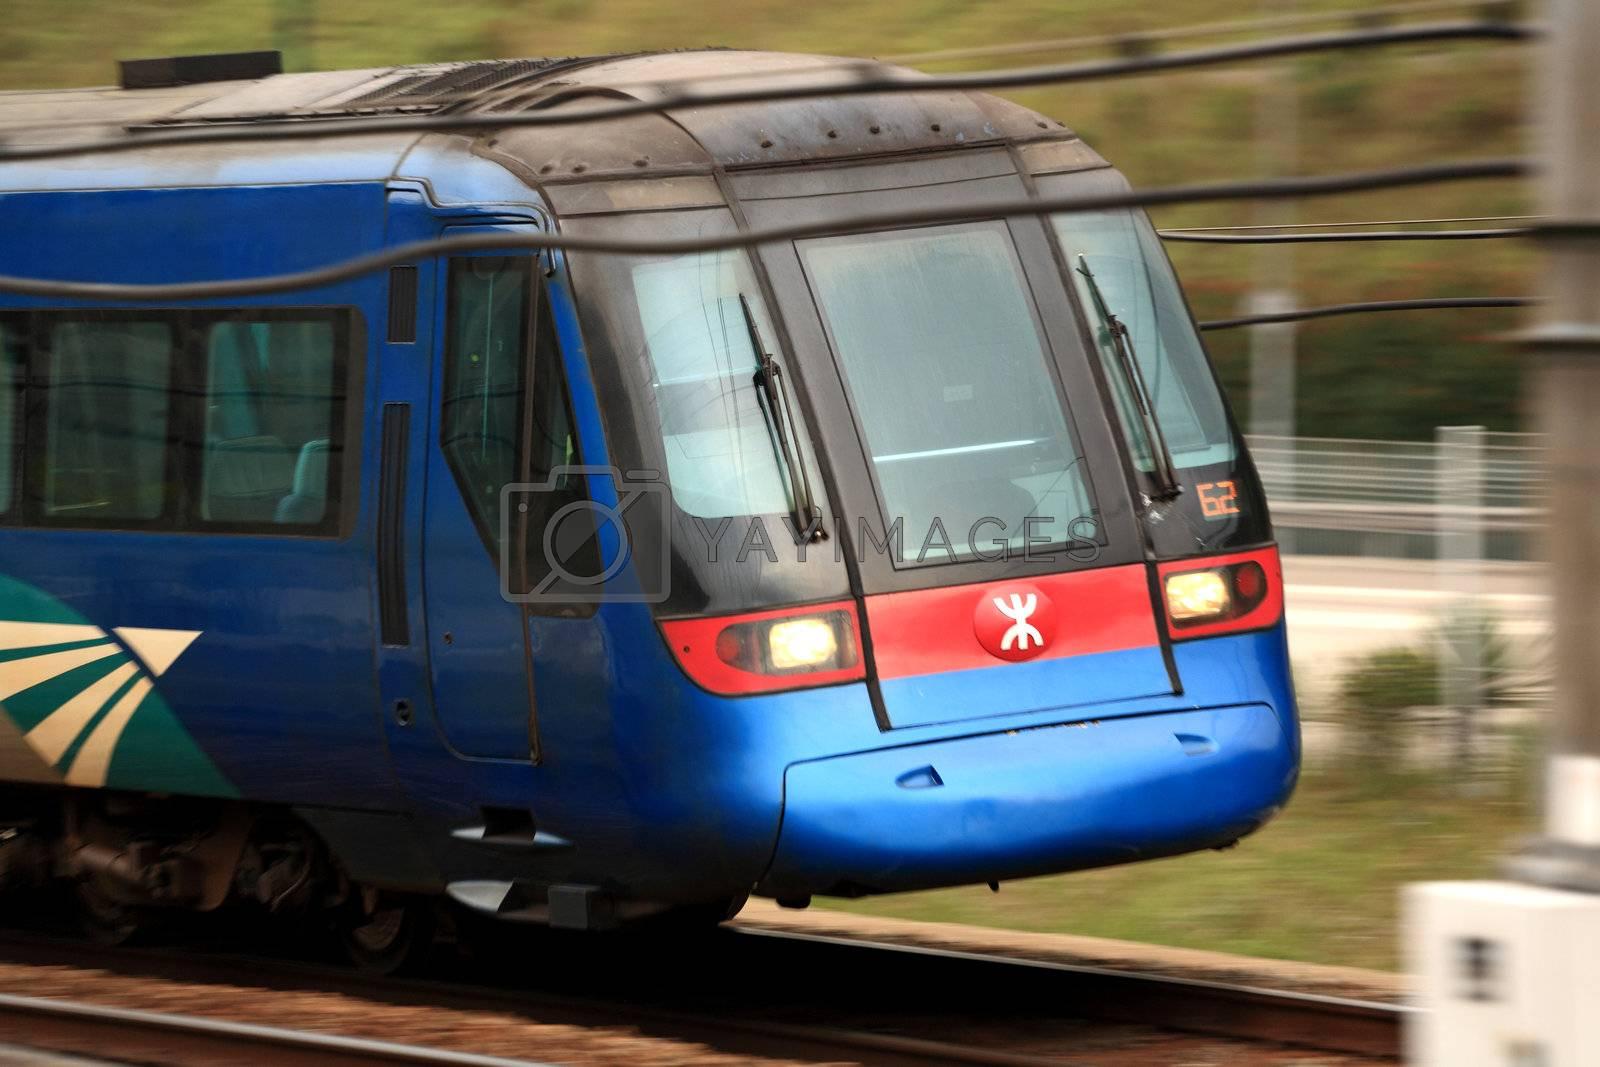 Royalty free image of Hong Kong train by leungchopan